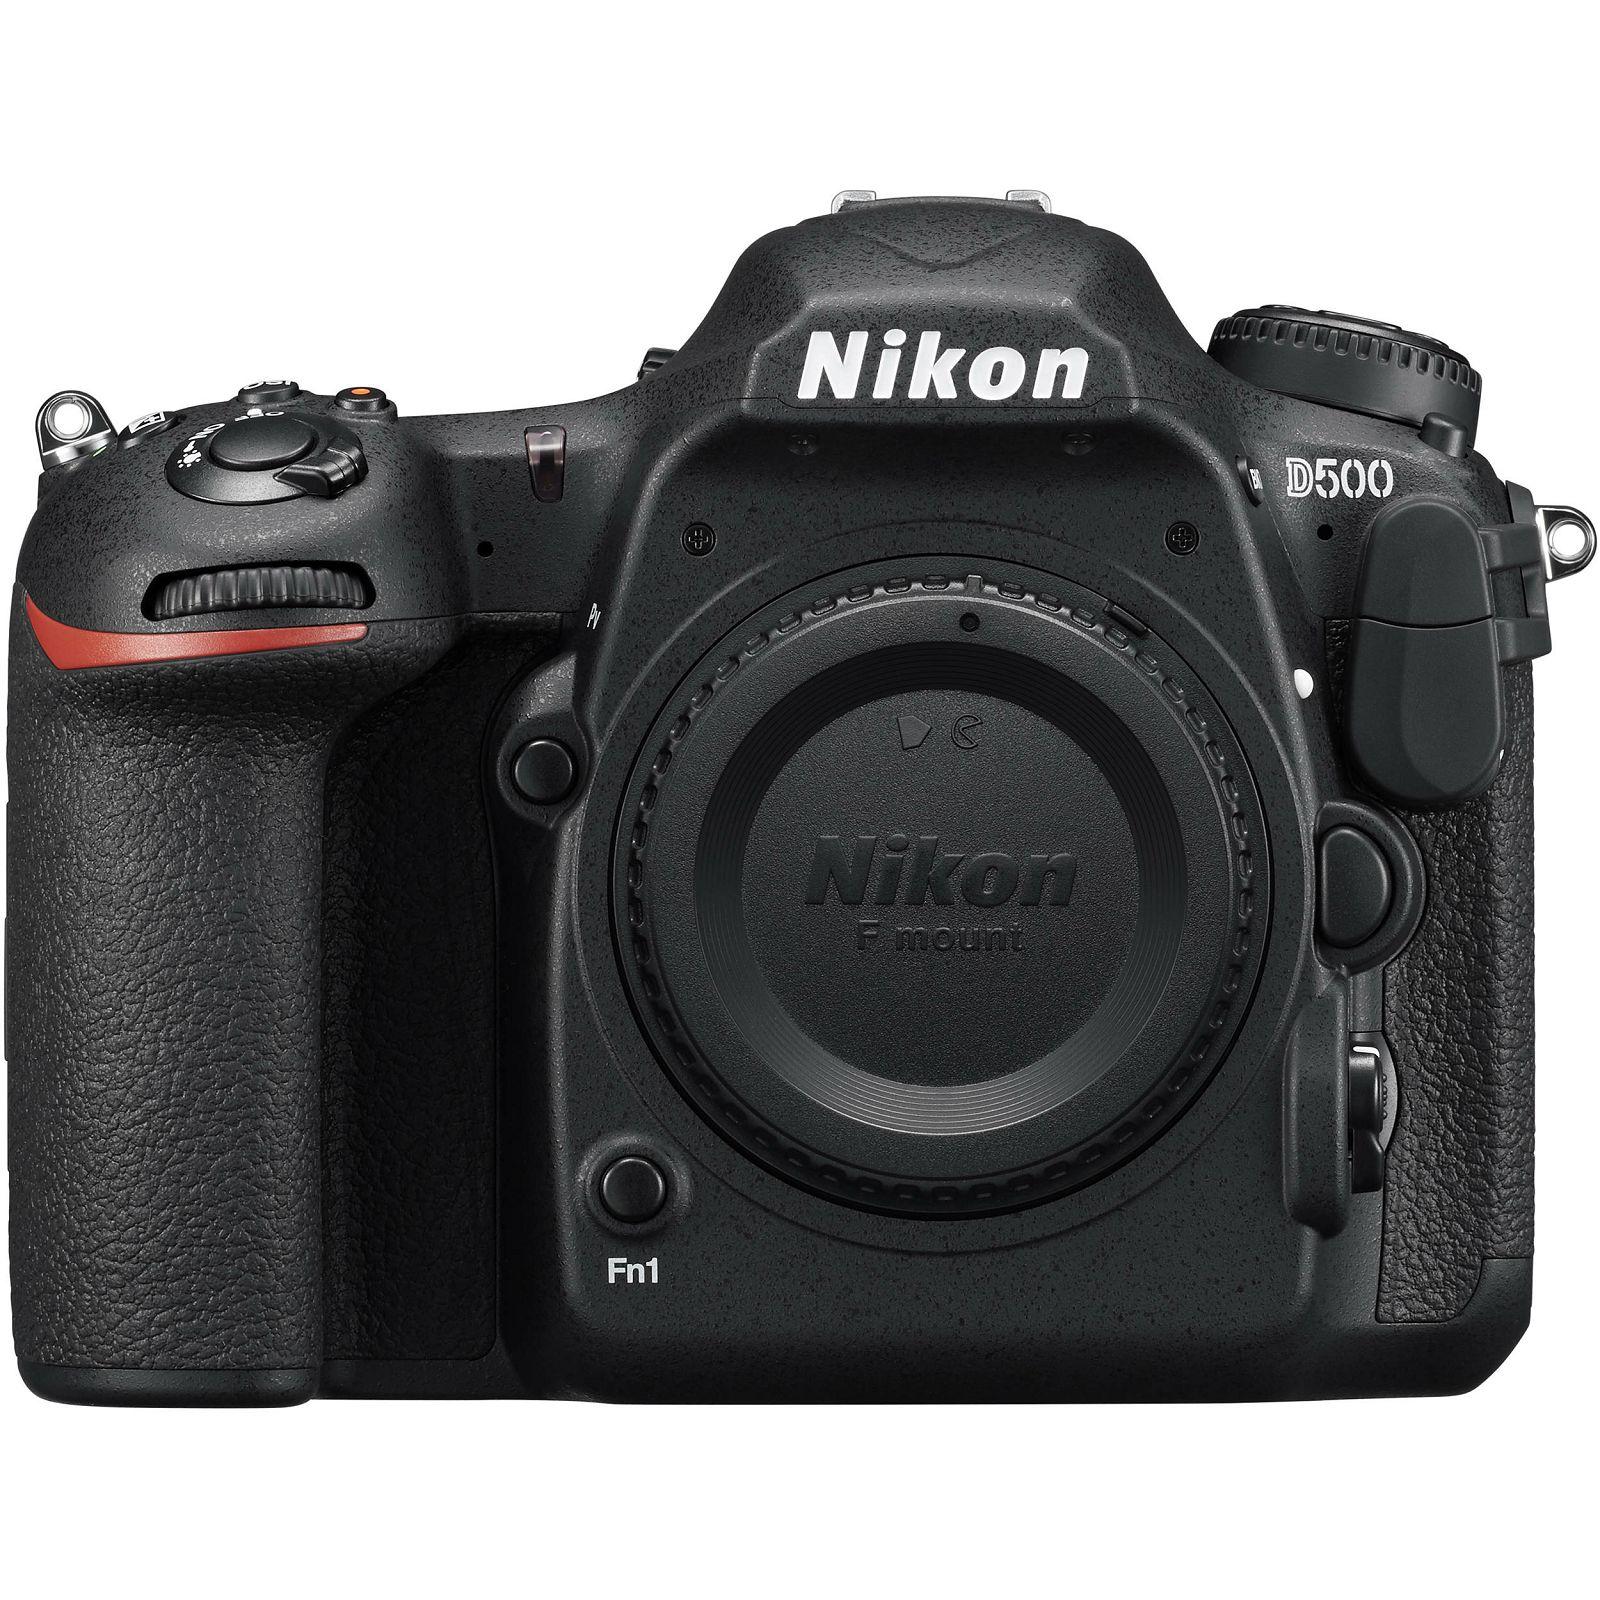 Nikon D500 Body 4K UHD 20.9MP DX DSLR Digitalni fotoaparat tijelo Camera (VBA480AE) - TRENUTNA UŠTEDA